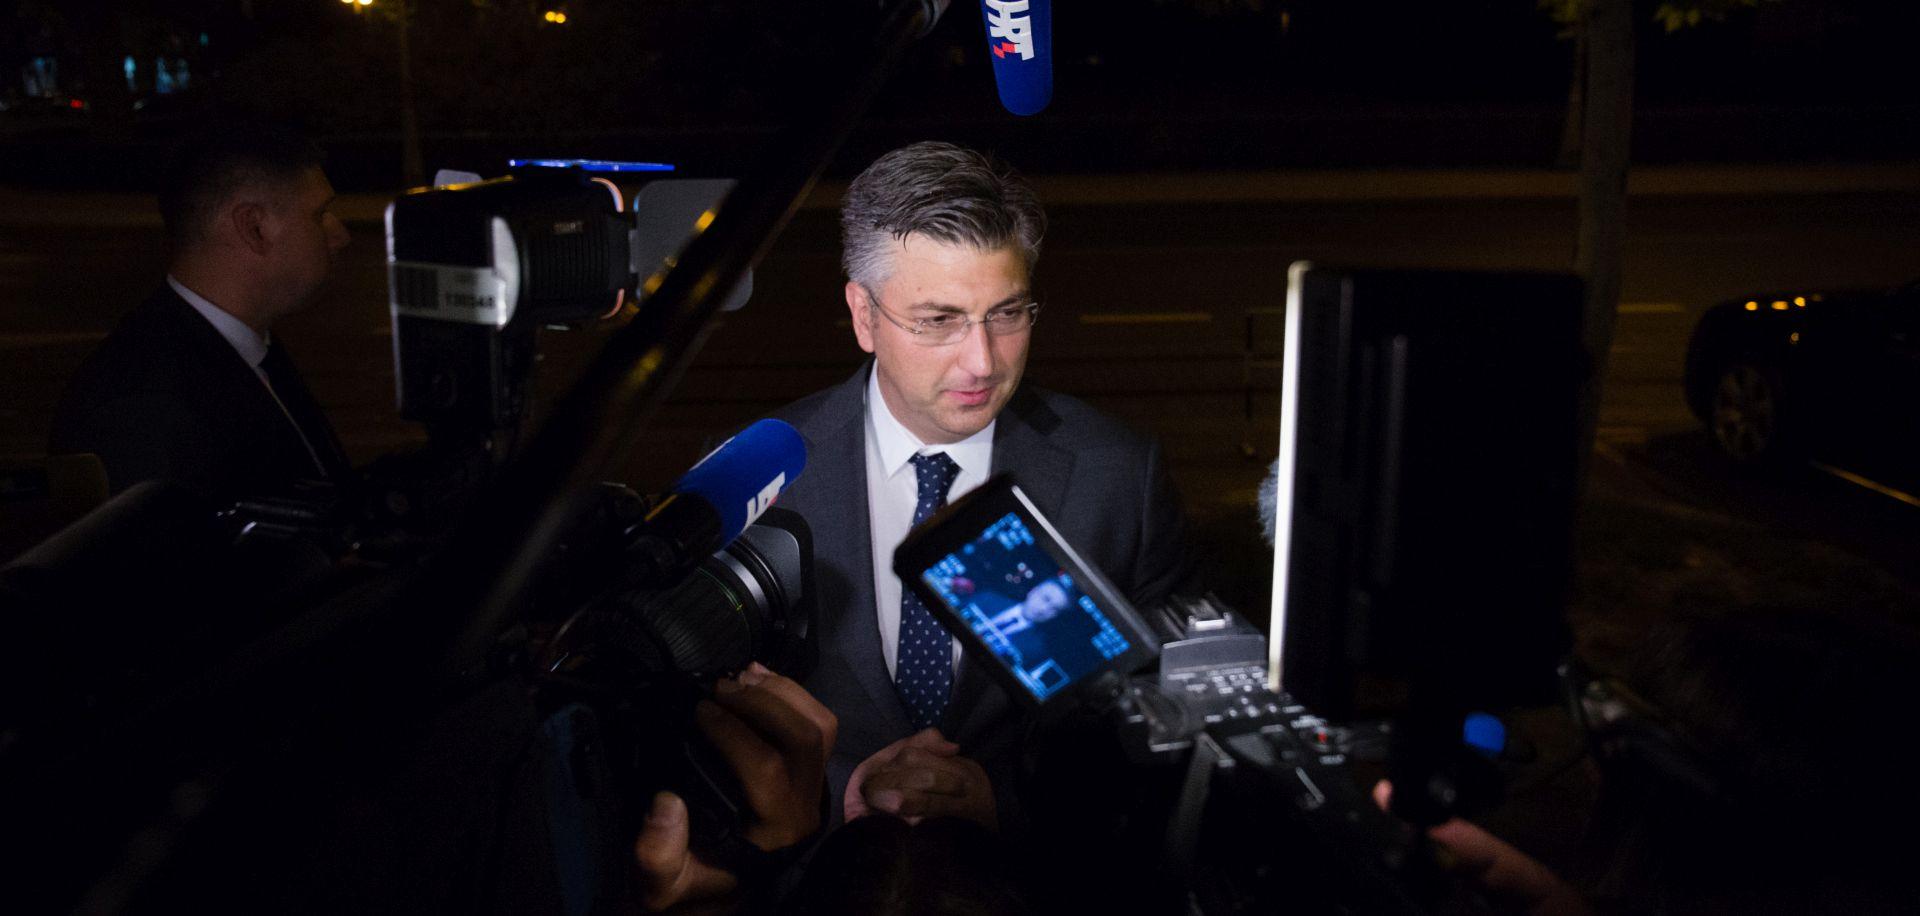 Novim Statutom HDZ uvodi unutarstranački referendum i model 'jedan član – jedan glas'